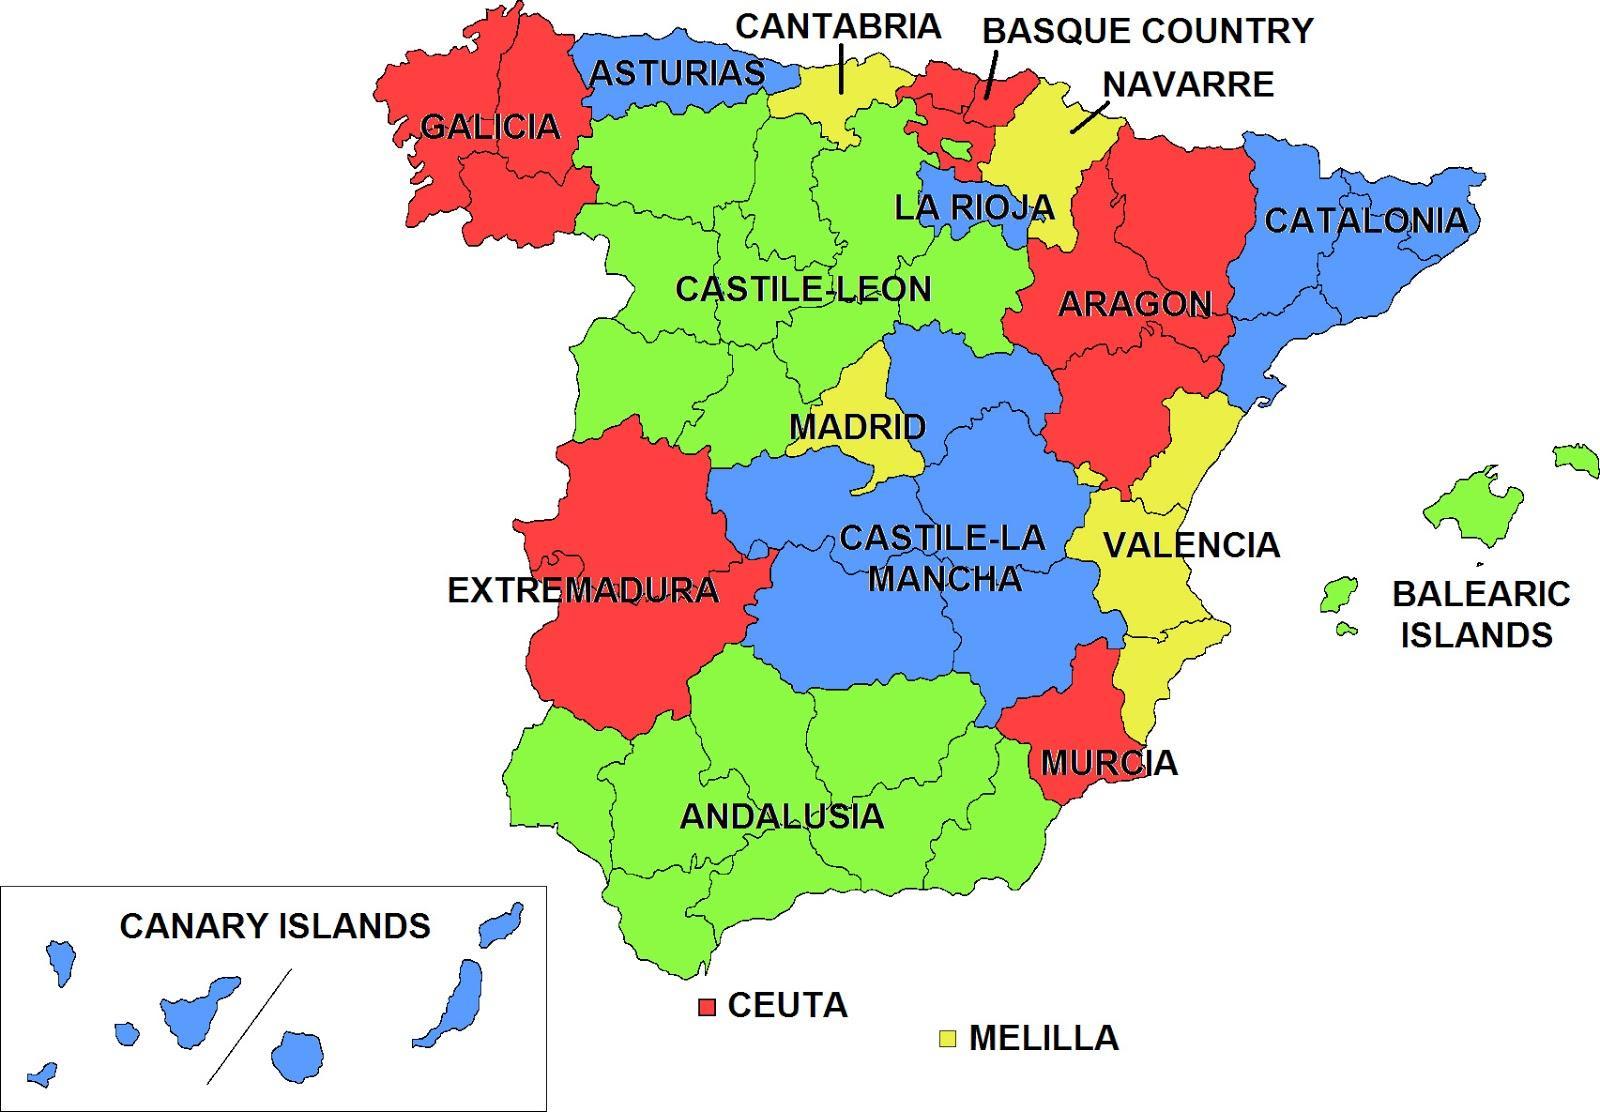 Le Regioni Della Spagna Cartina.Spagna Regioni Sulla Mappa Mappa Della Spagna E Regioni Europa Del Sud Europa